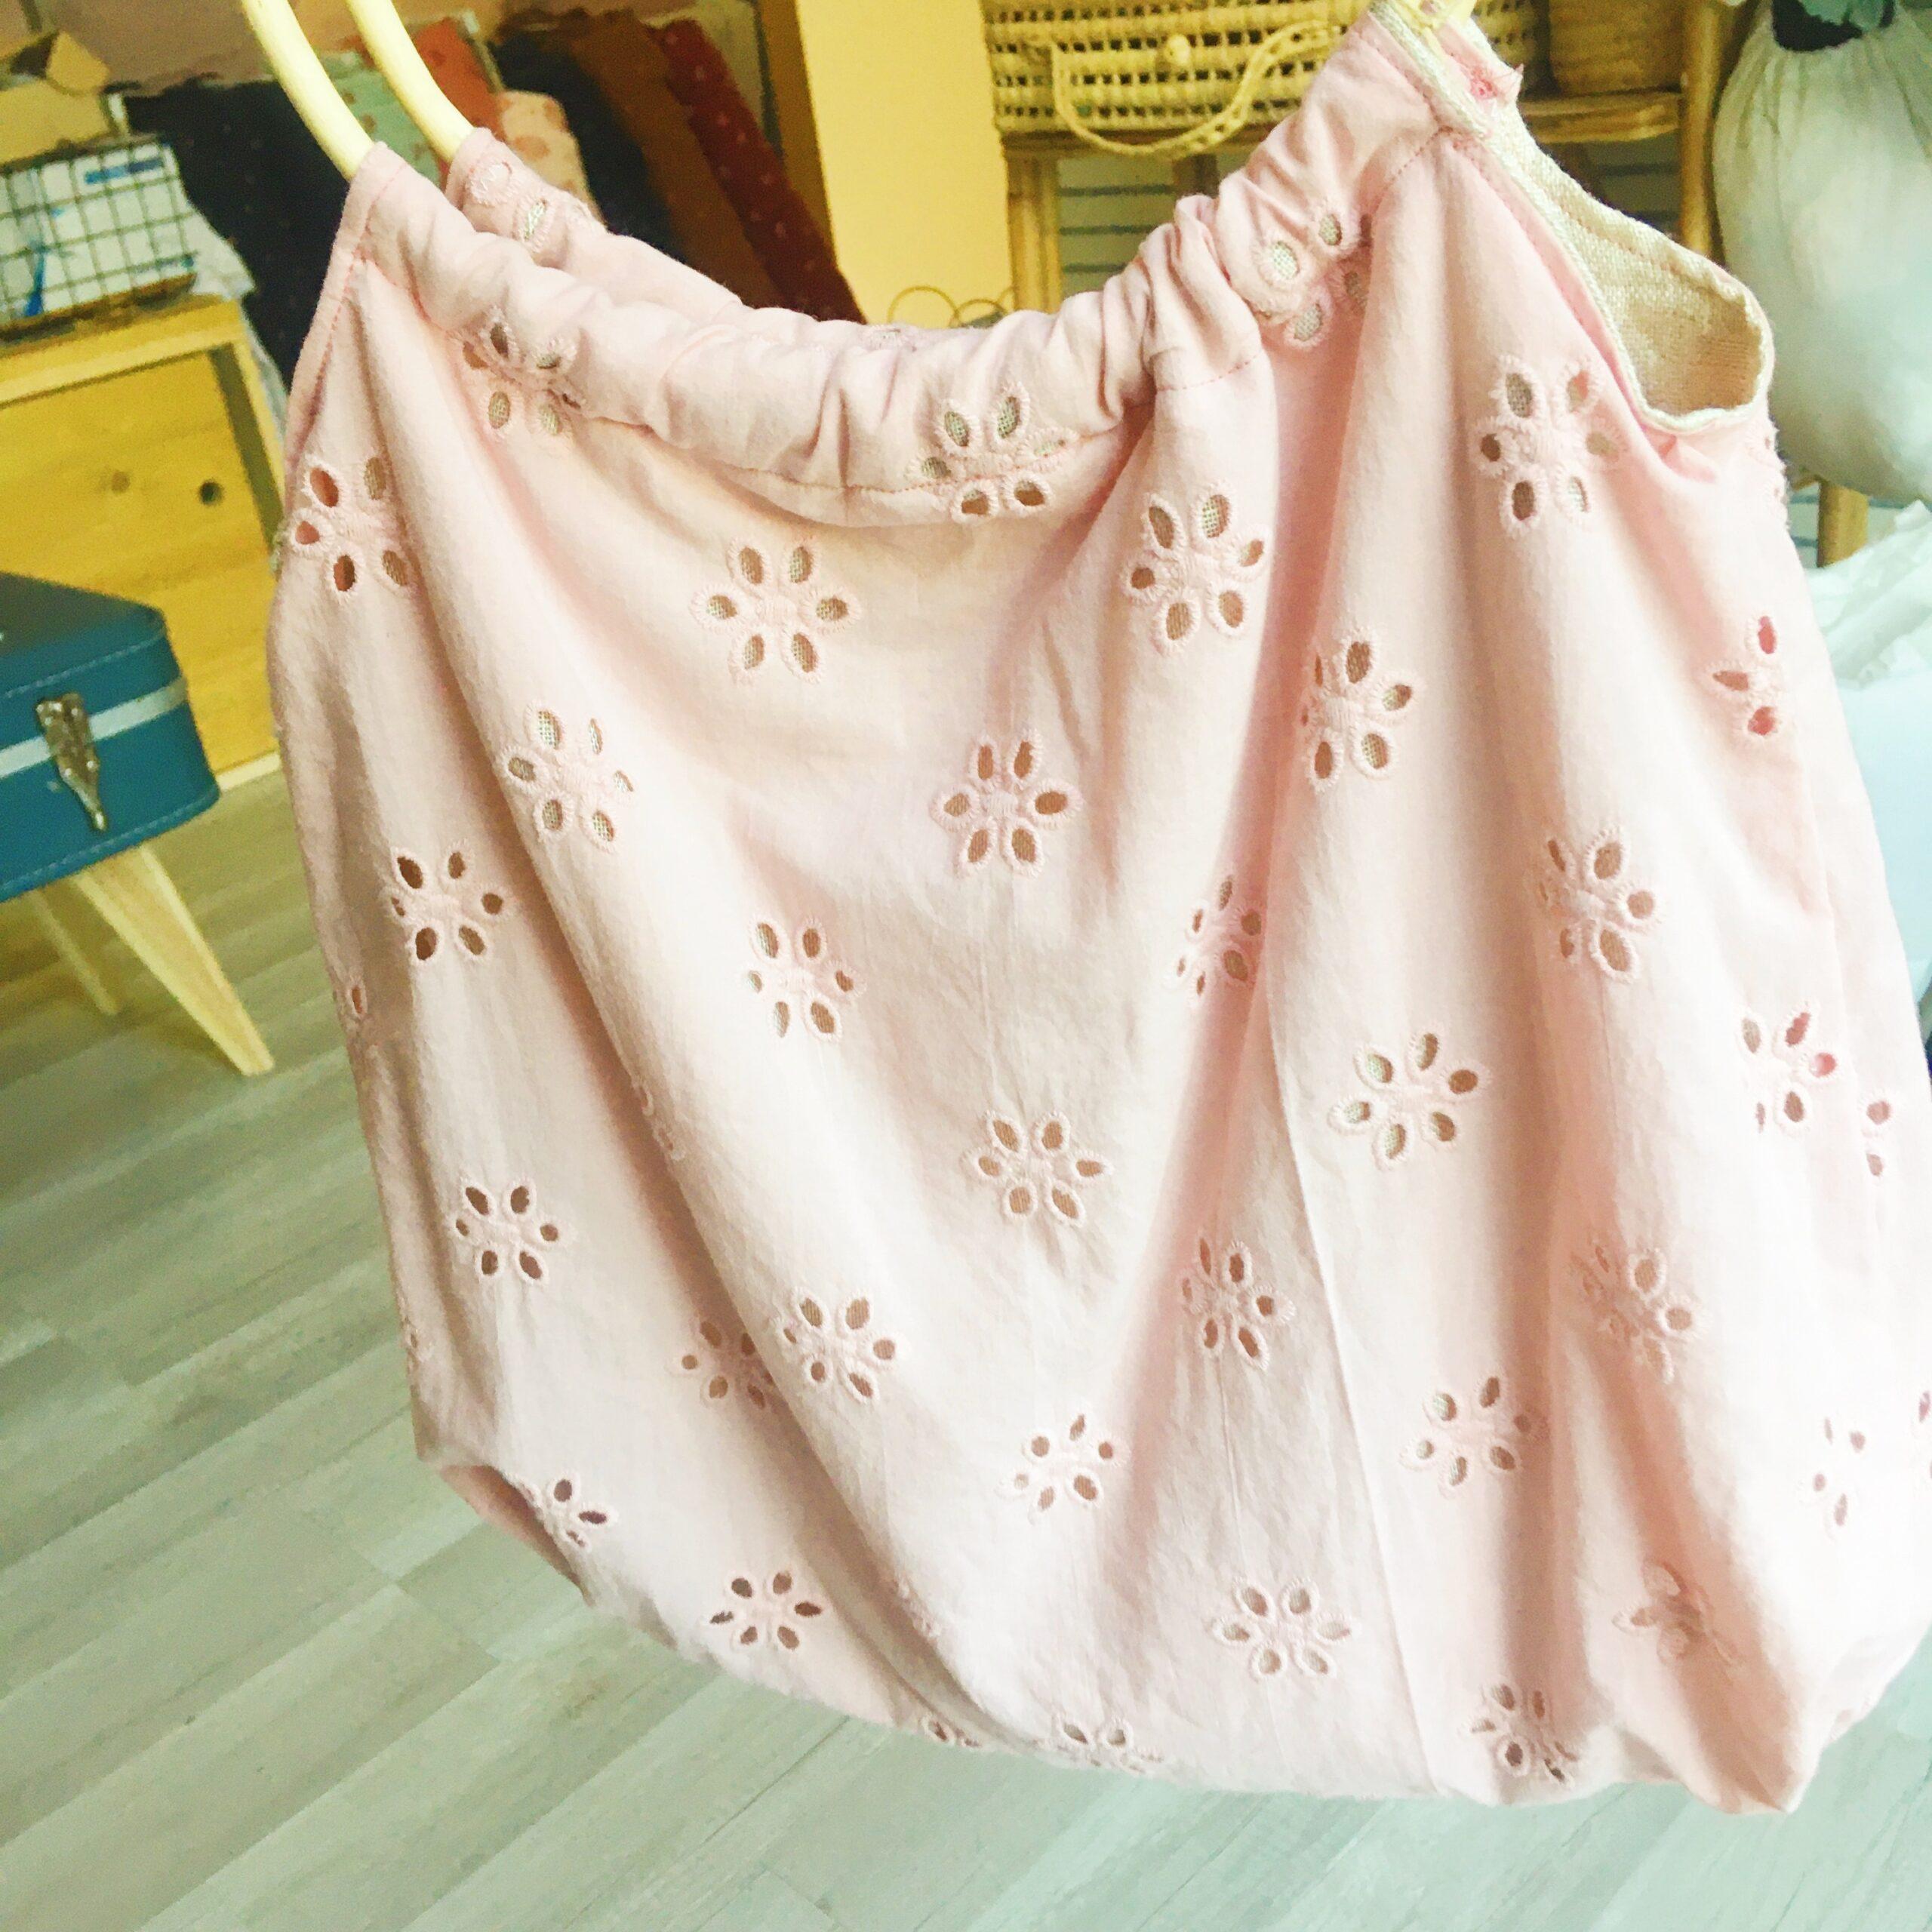 sac Paulette en broderie anglaise fabrication artisanale française en coton avec anses rondes cercles de rotin - du vent dans mes valises